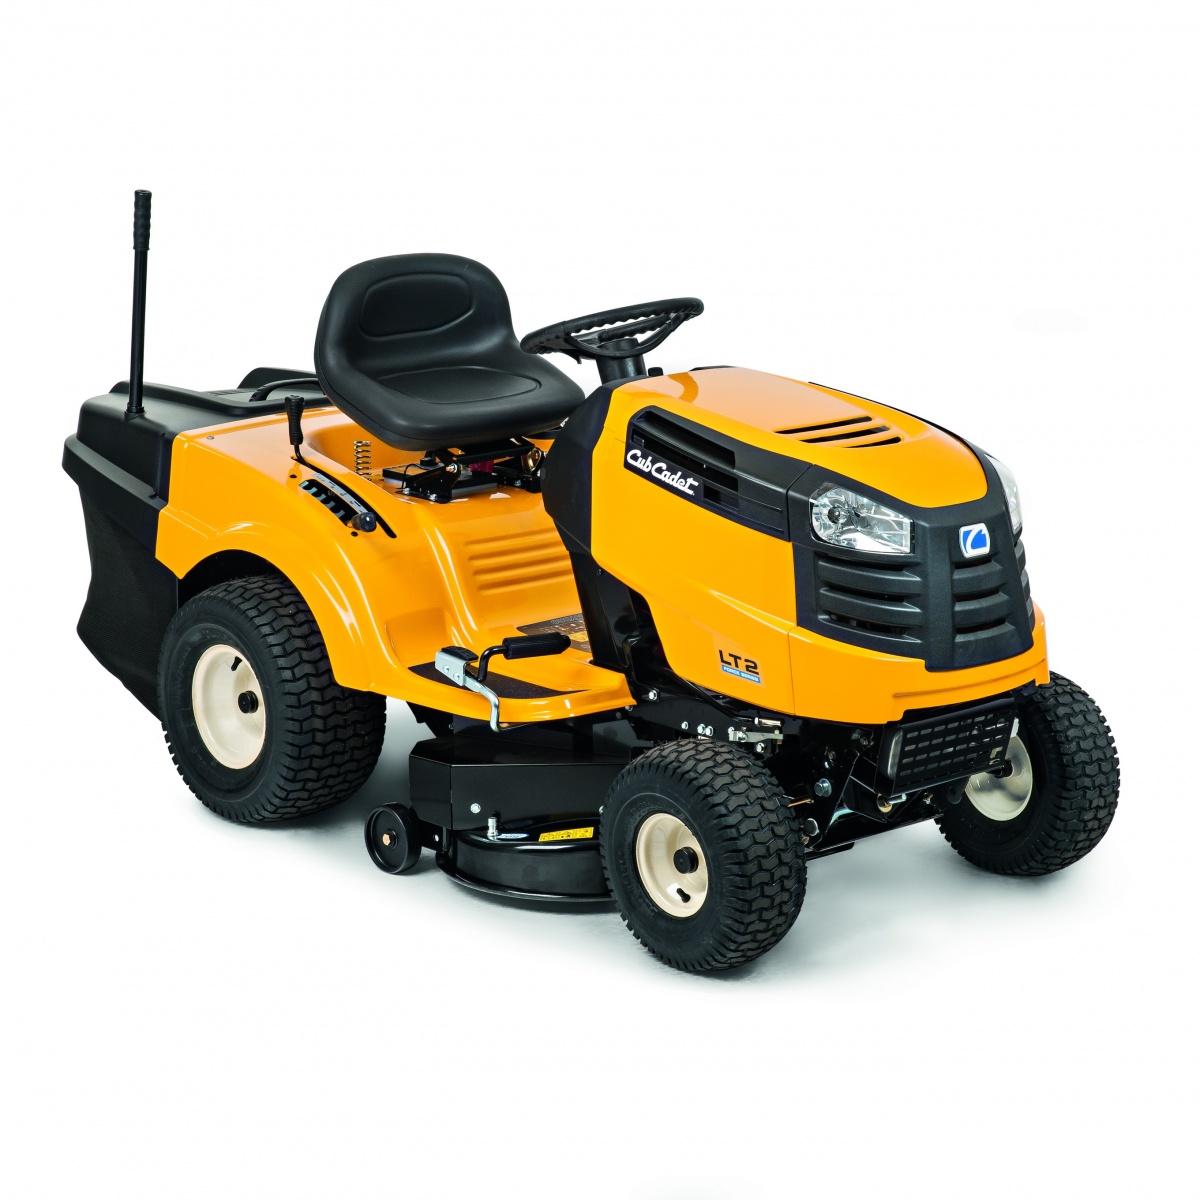 Cub-Cadet LT2 NR92 - travní traktor se zadním výhozem + DÁREK